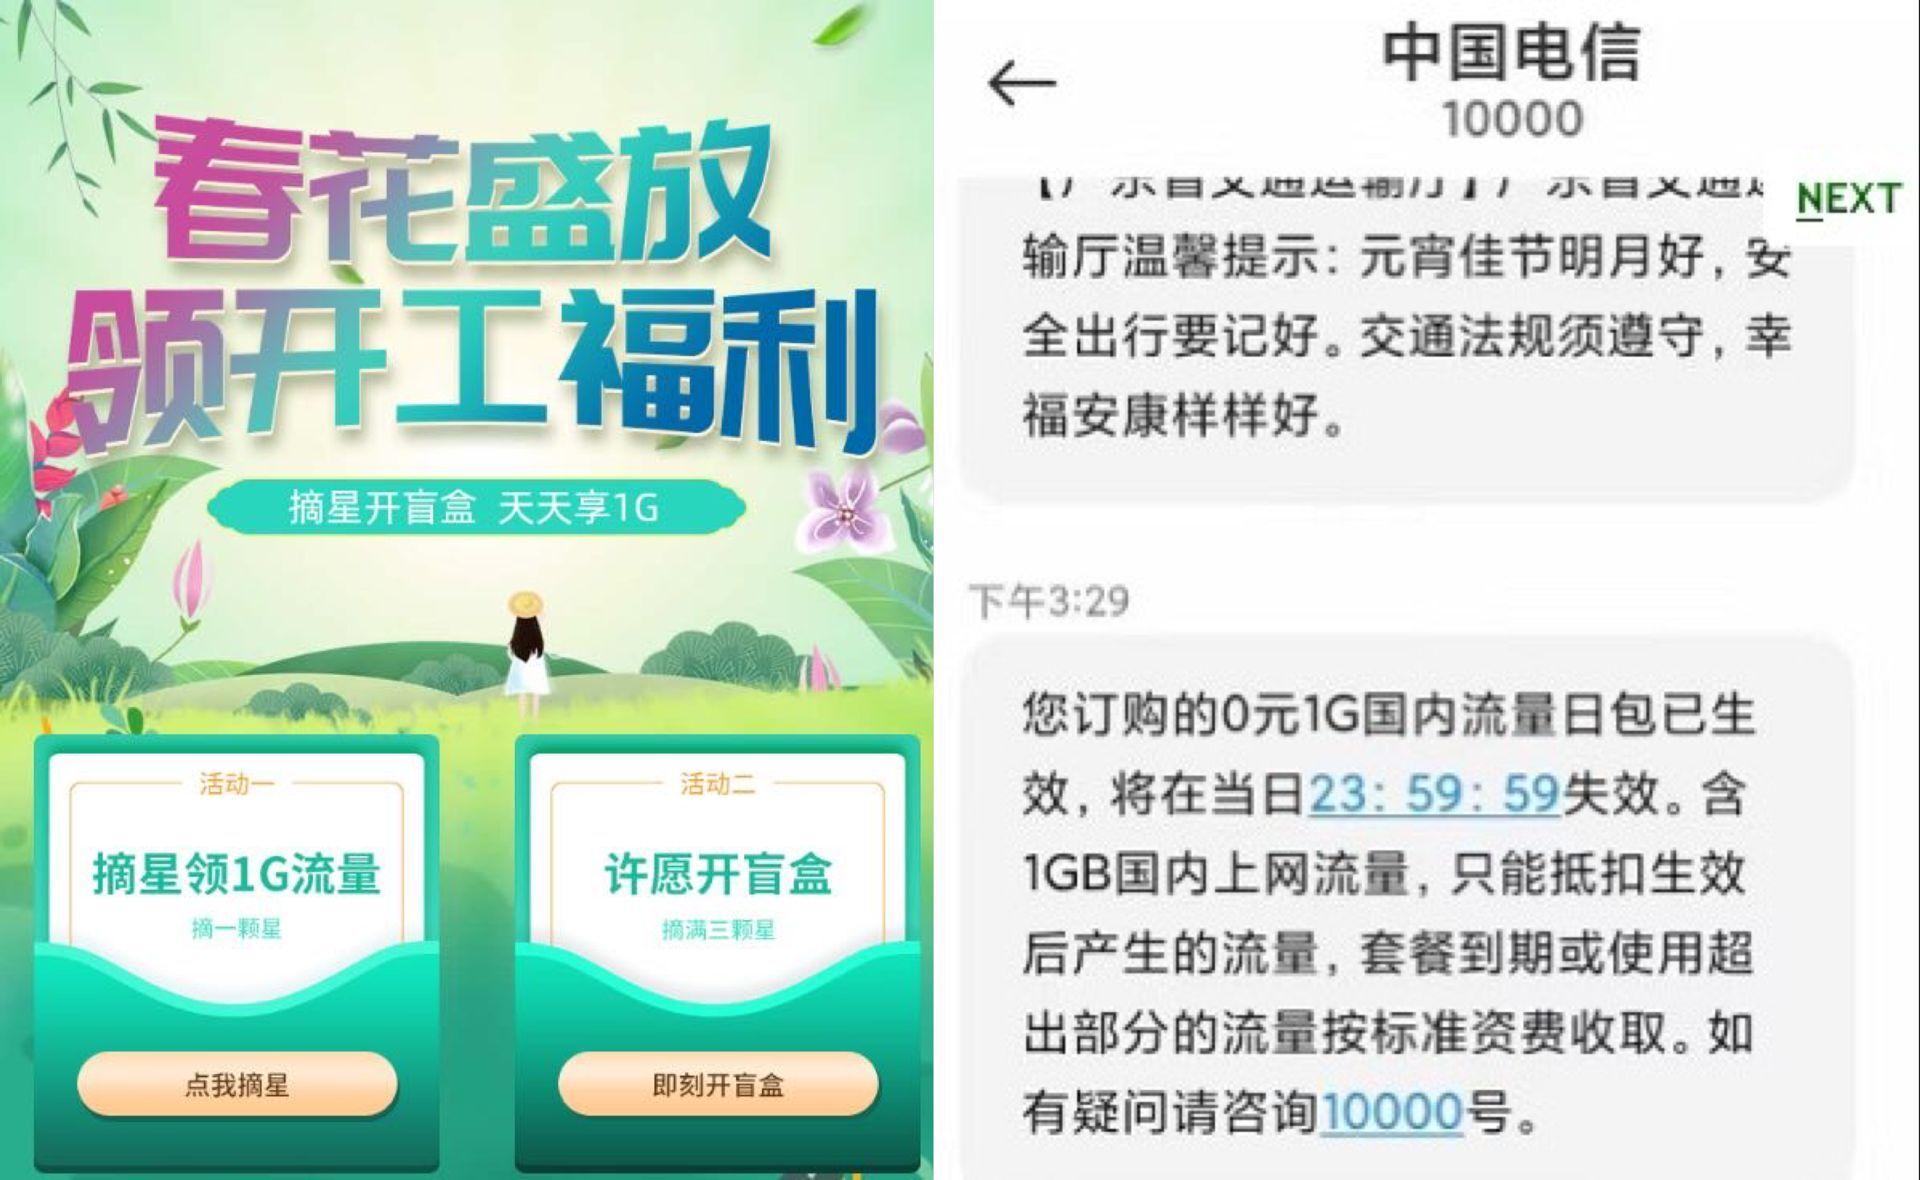 广东电信专属福利每天领0元1G流量,广东电信免费领流量活动